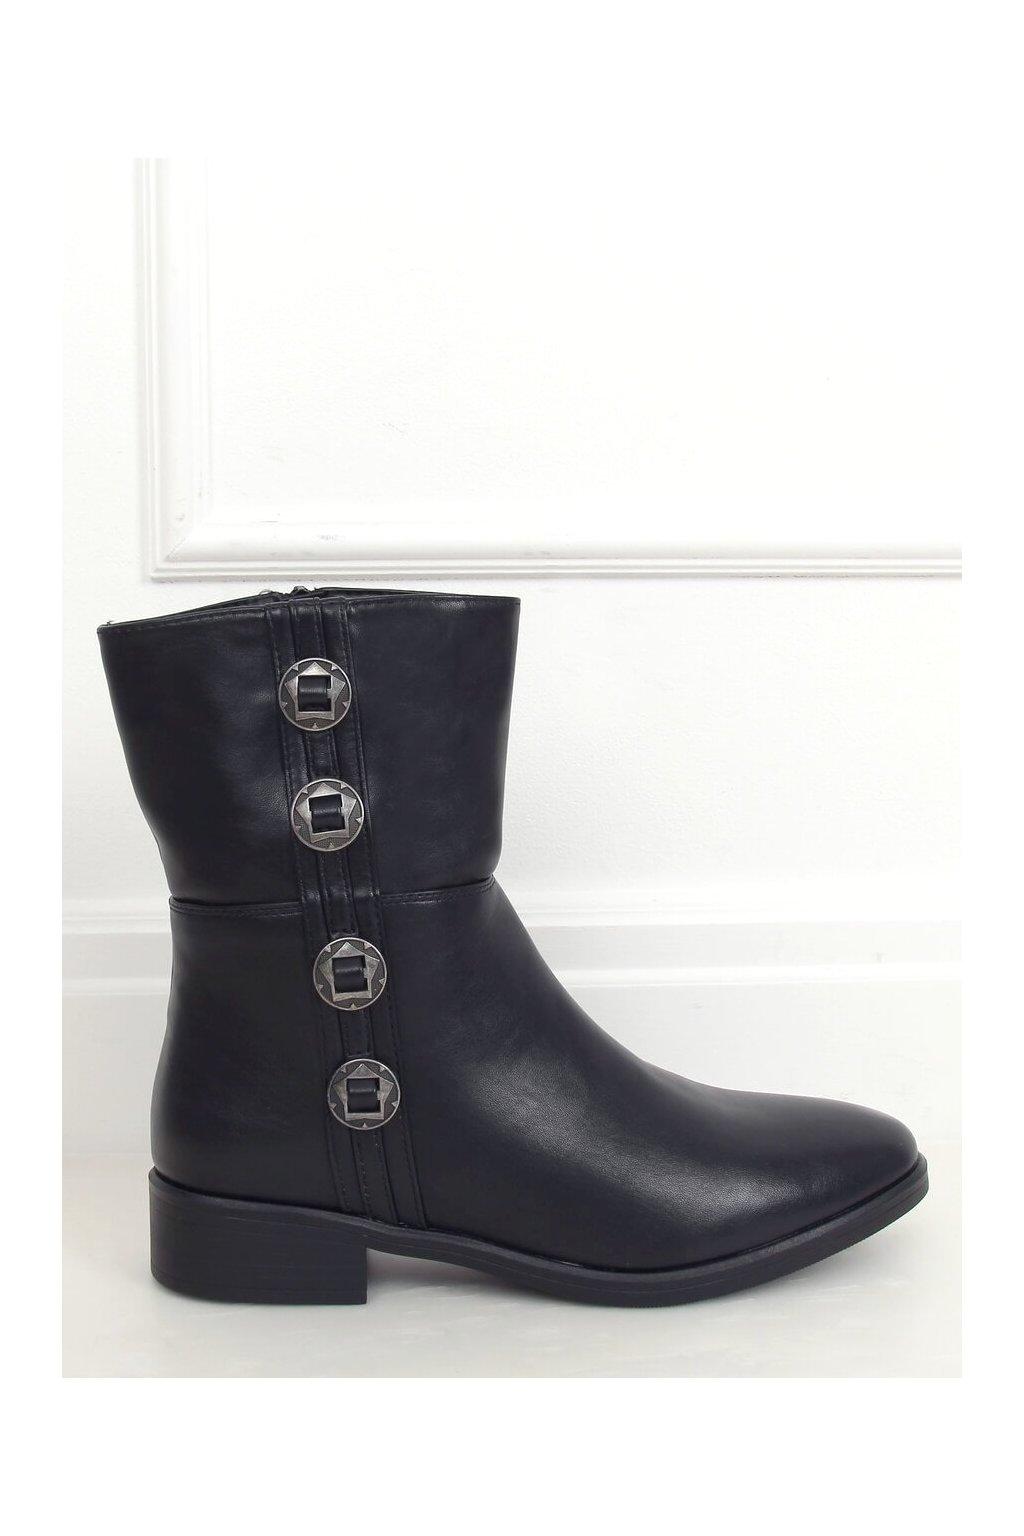 Dámske členkové topánky čierne na plochom podpätku 6266